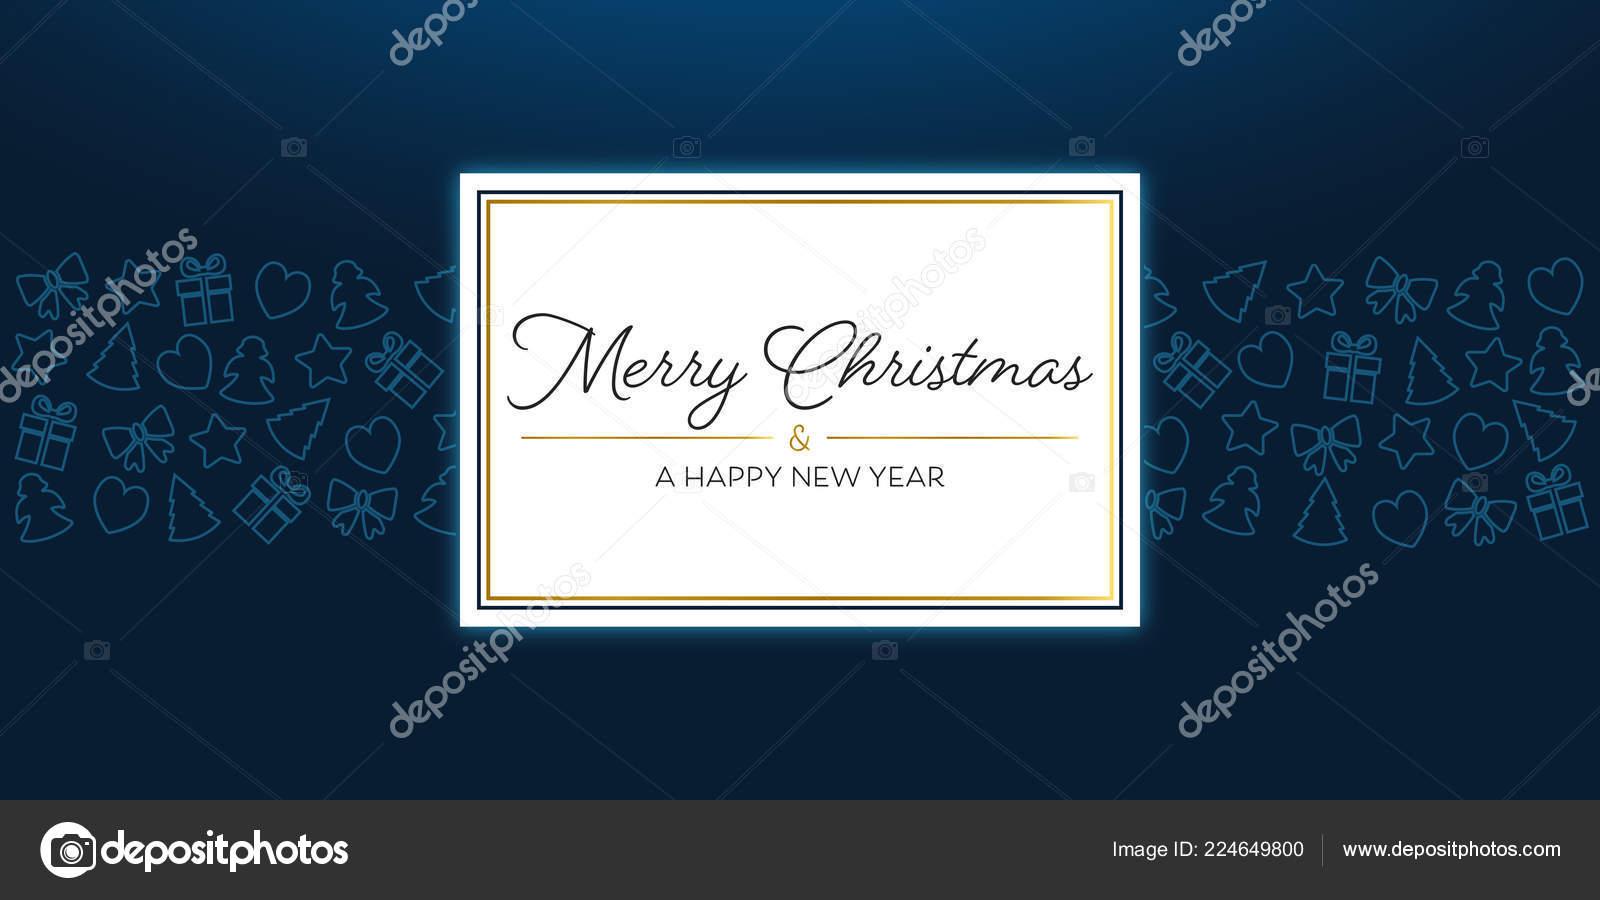 Weihnachtsgrüße Deutsch.Weihnachtsgrüße Deutsch Merry Christmas Hintergrund Mit Symbolen